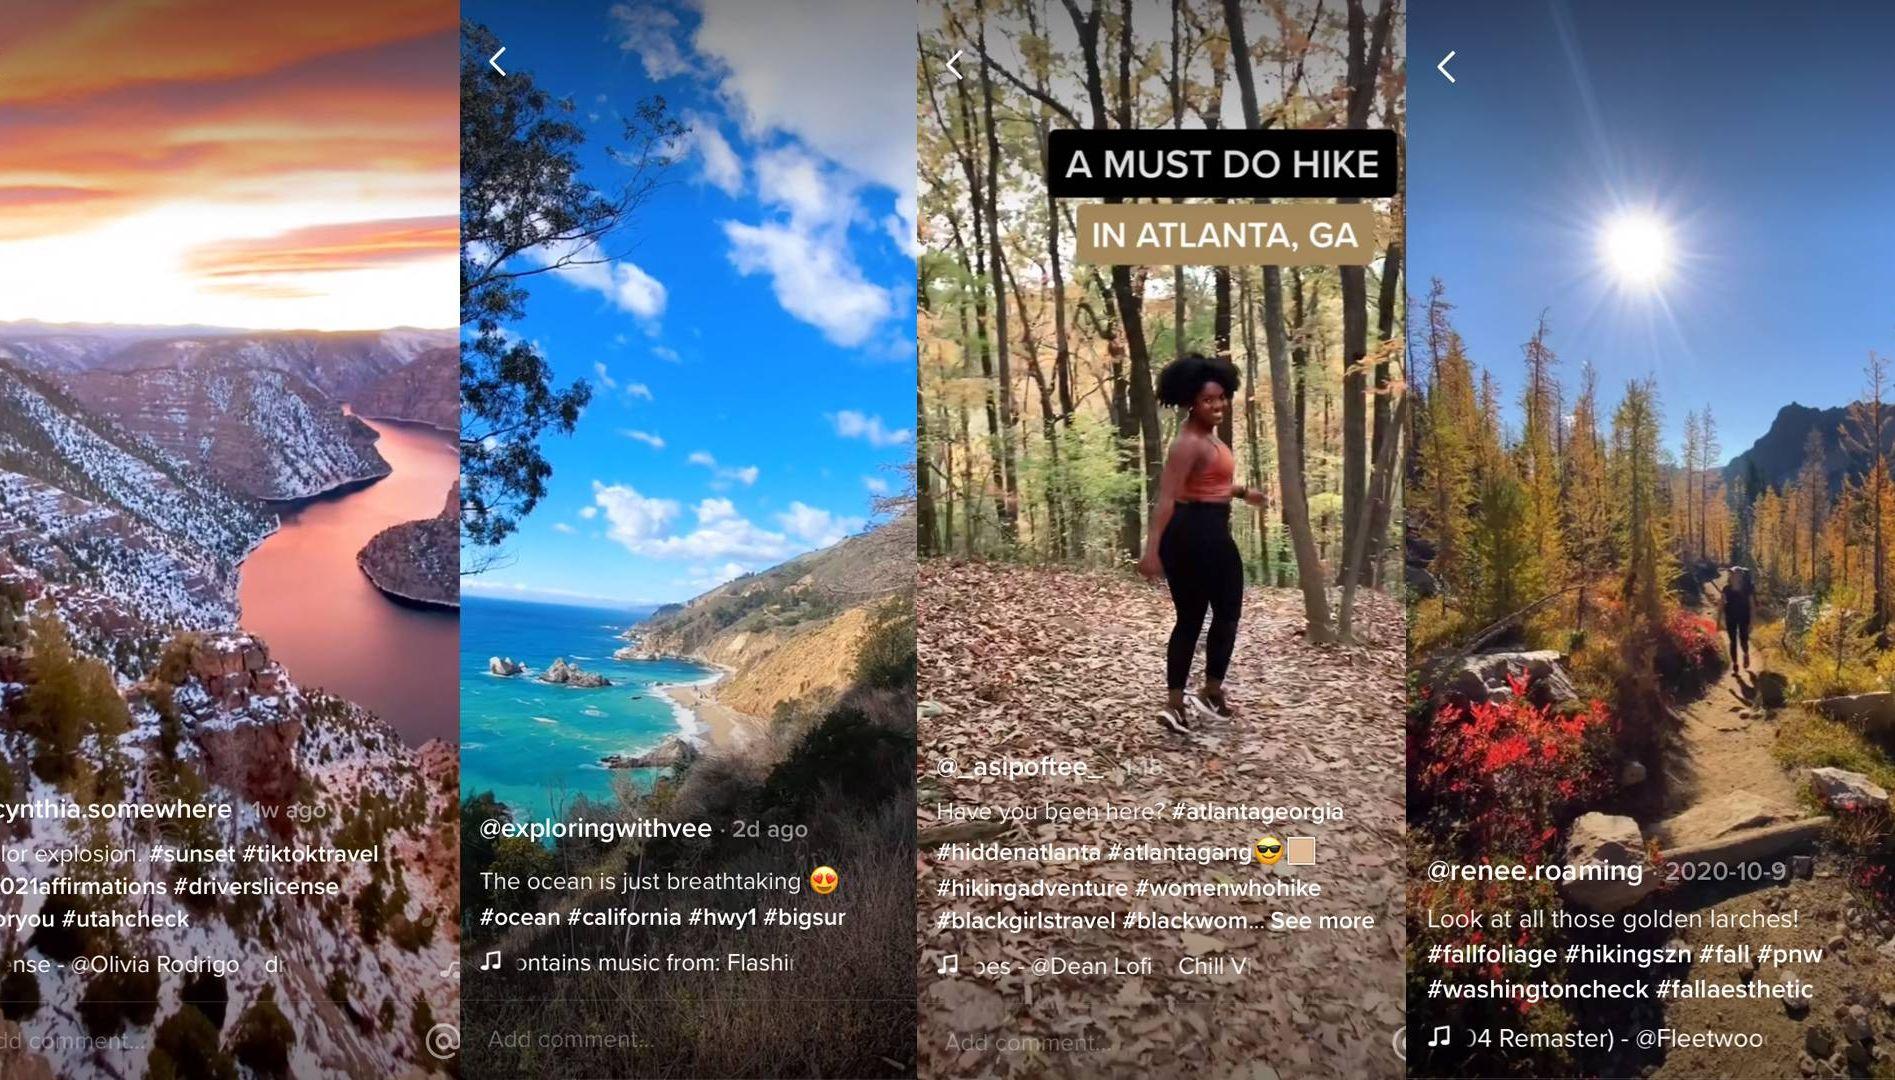 images from hiking tiktok videos. rewire pbs living hiking tiktok